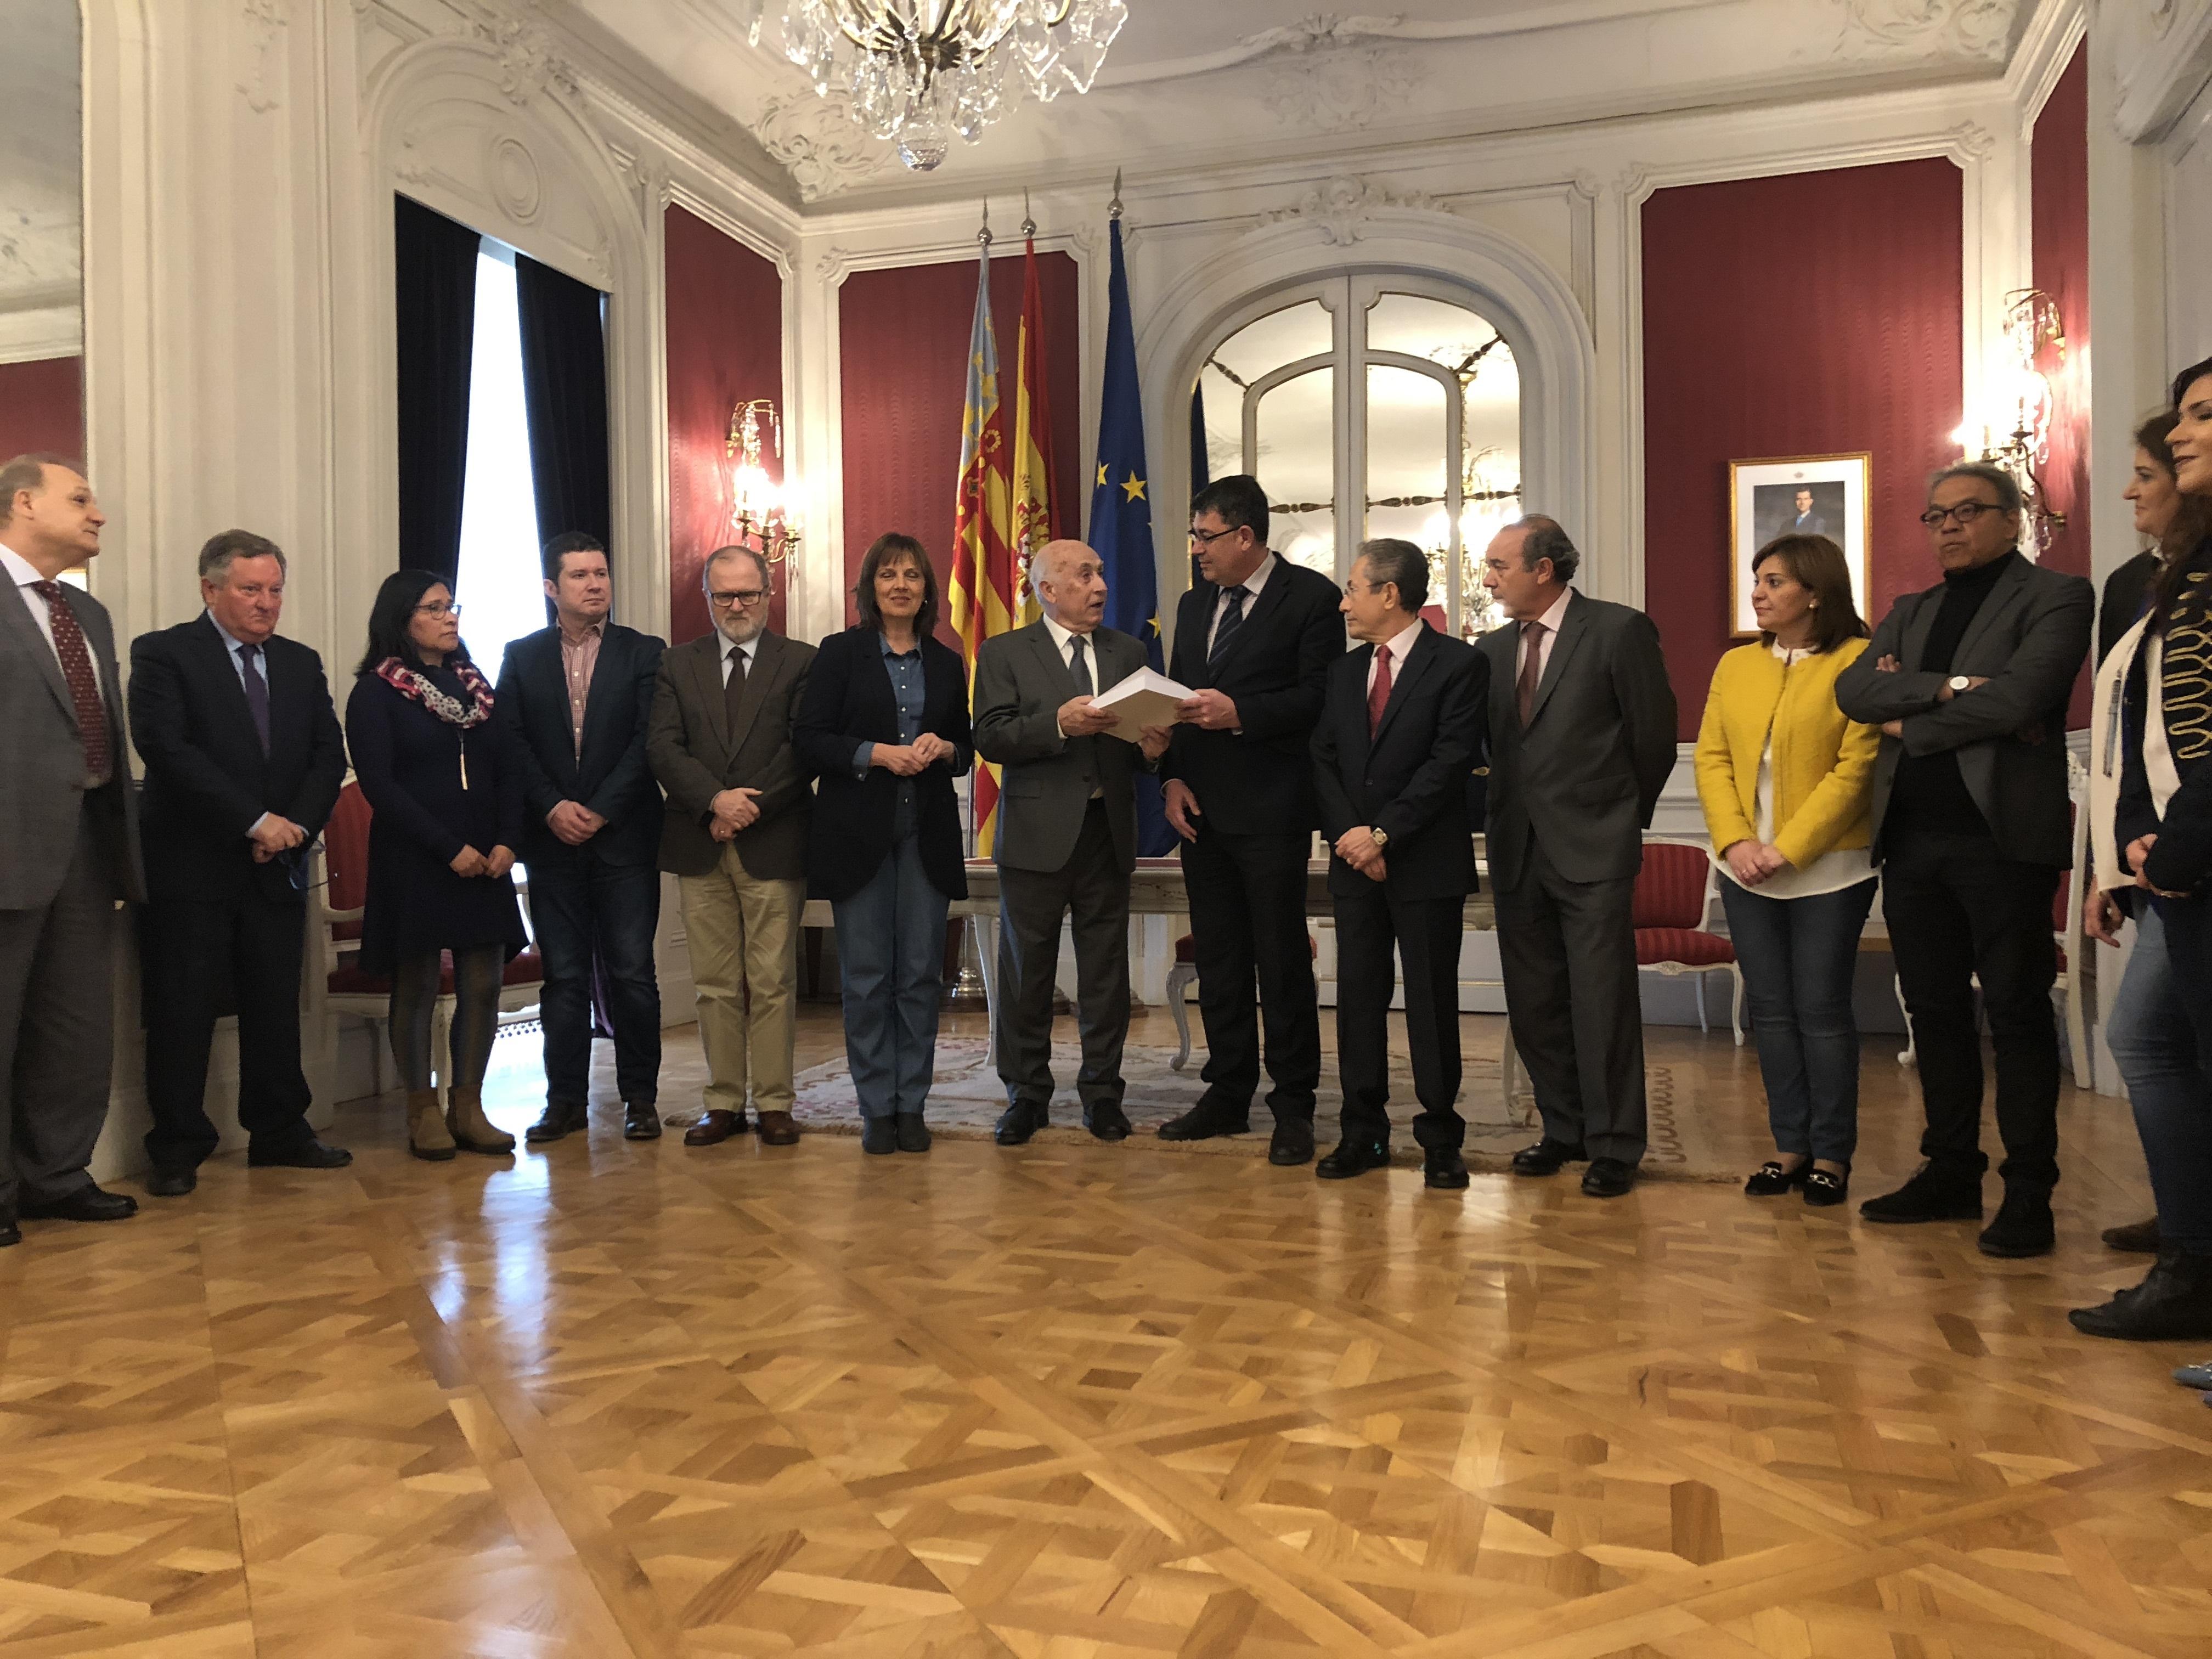 INFORME VIVIENDA PÚBLICA   El Síndic estima en 7100 los hogares valencianos que se encuentran al límite de pobreza de vivienda y que pueden requerir de apoyo público urgente